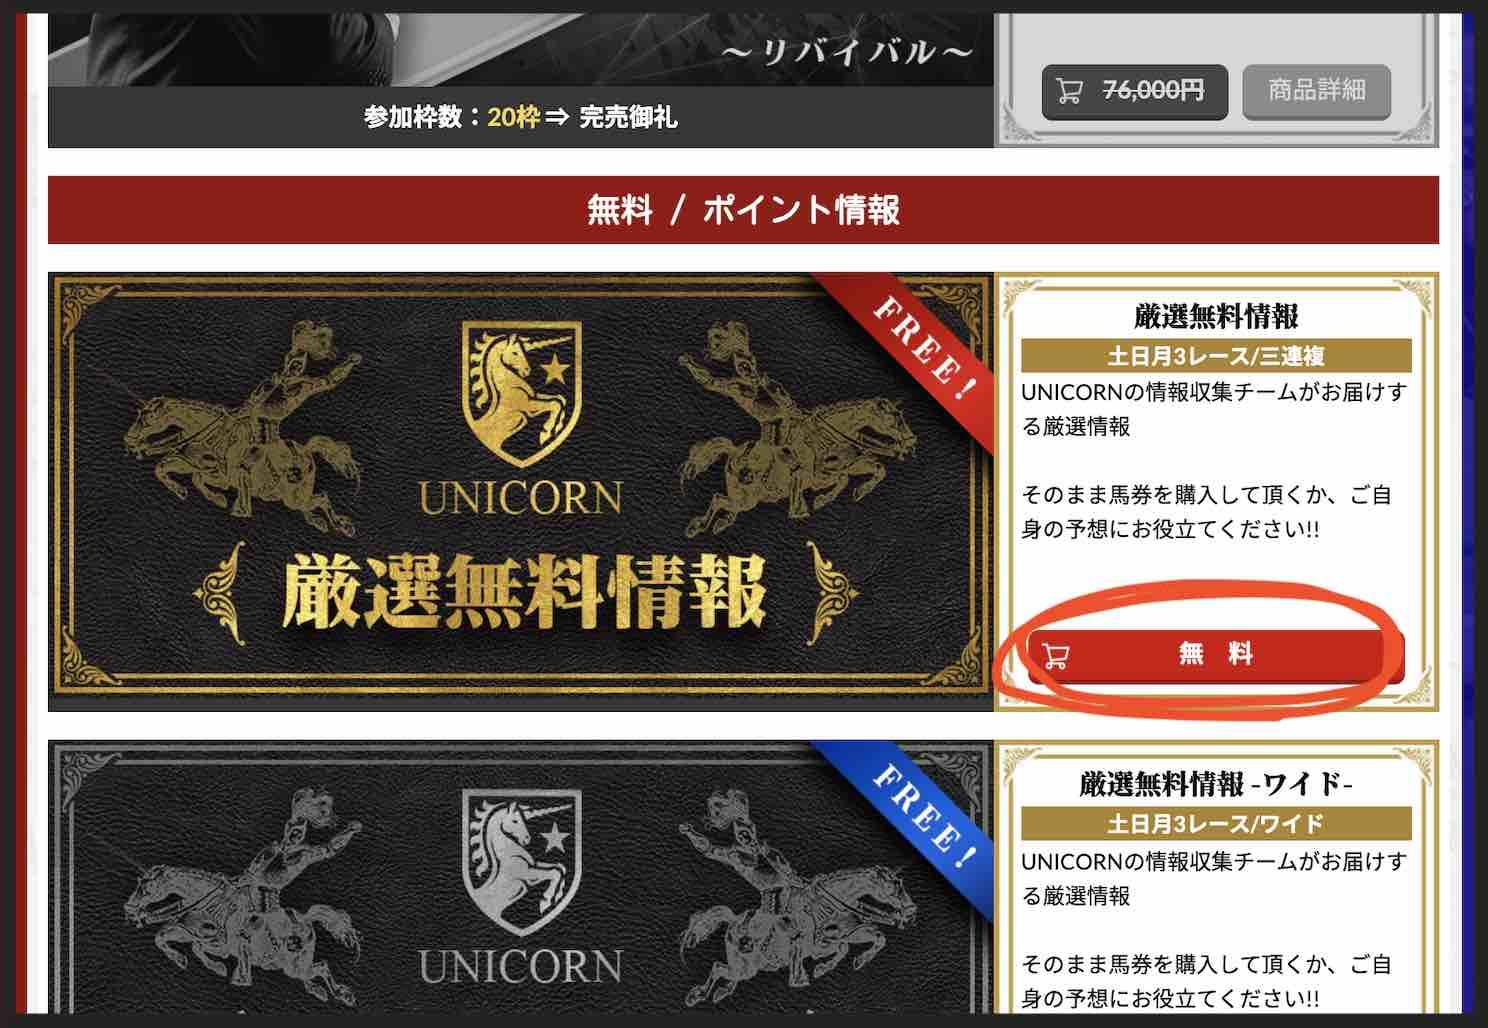 競馬予想ユニコーンという競馬予想サイトの無料予想(無料情報)を確認する